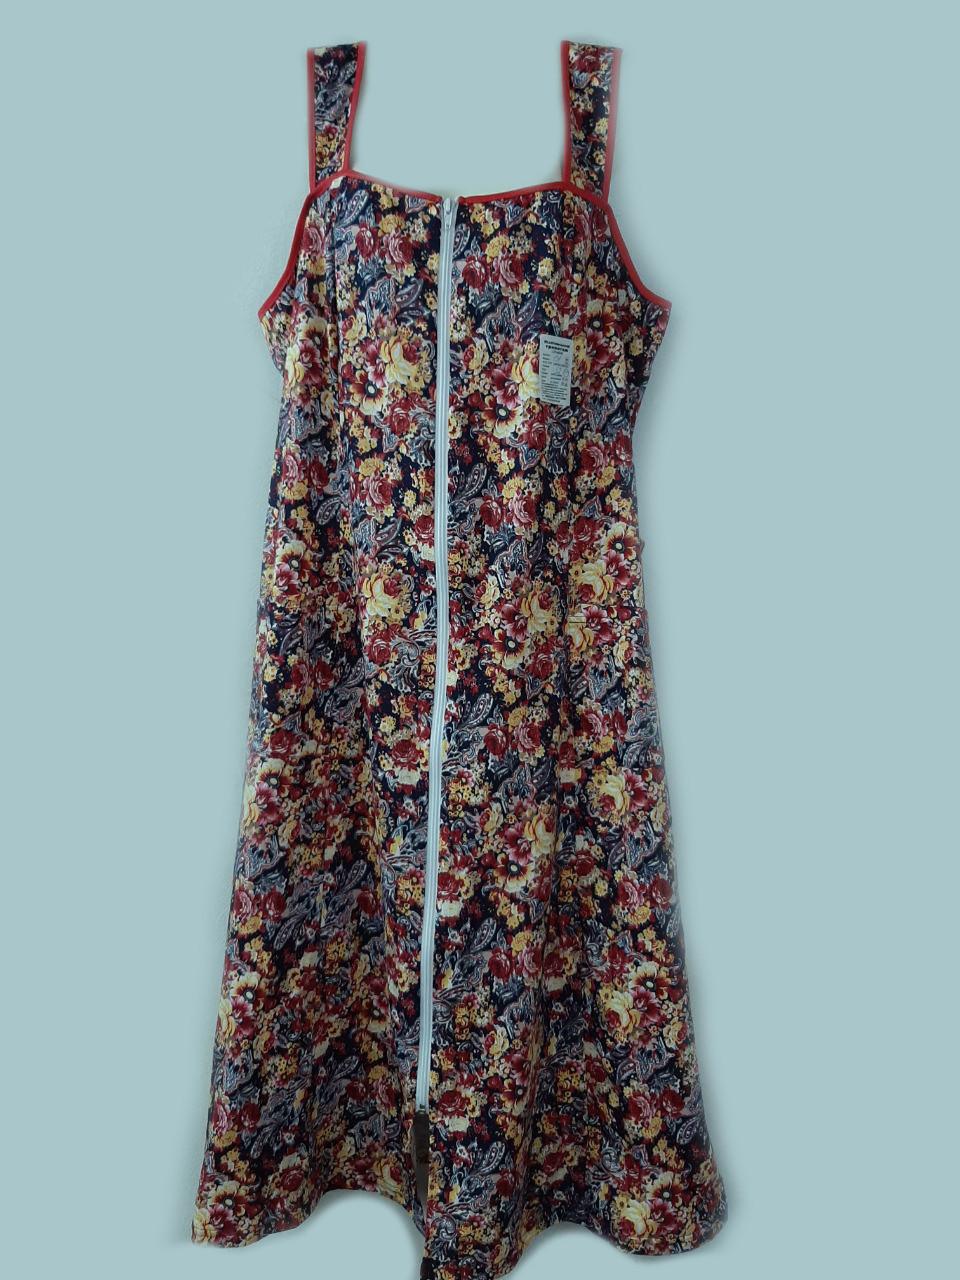 Женский халат больших размеров длинный (100% хлопок) фасон сарафан на молнии летний